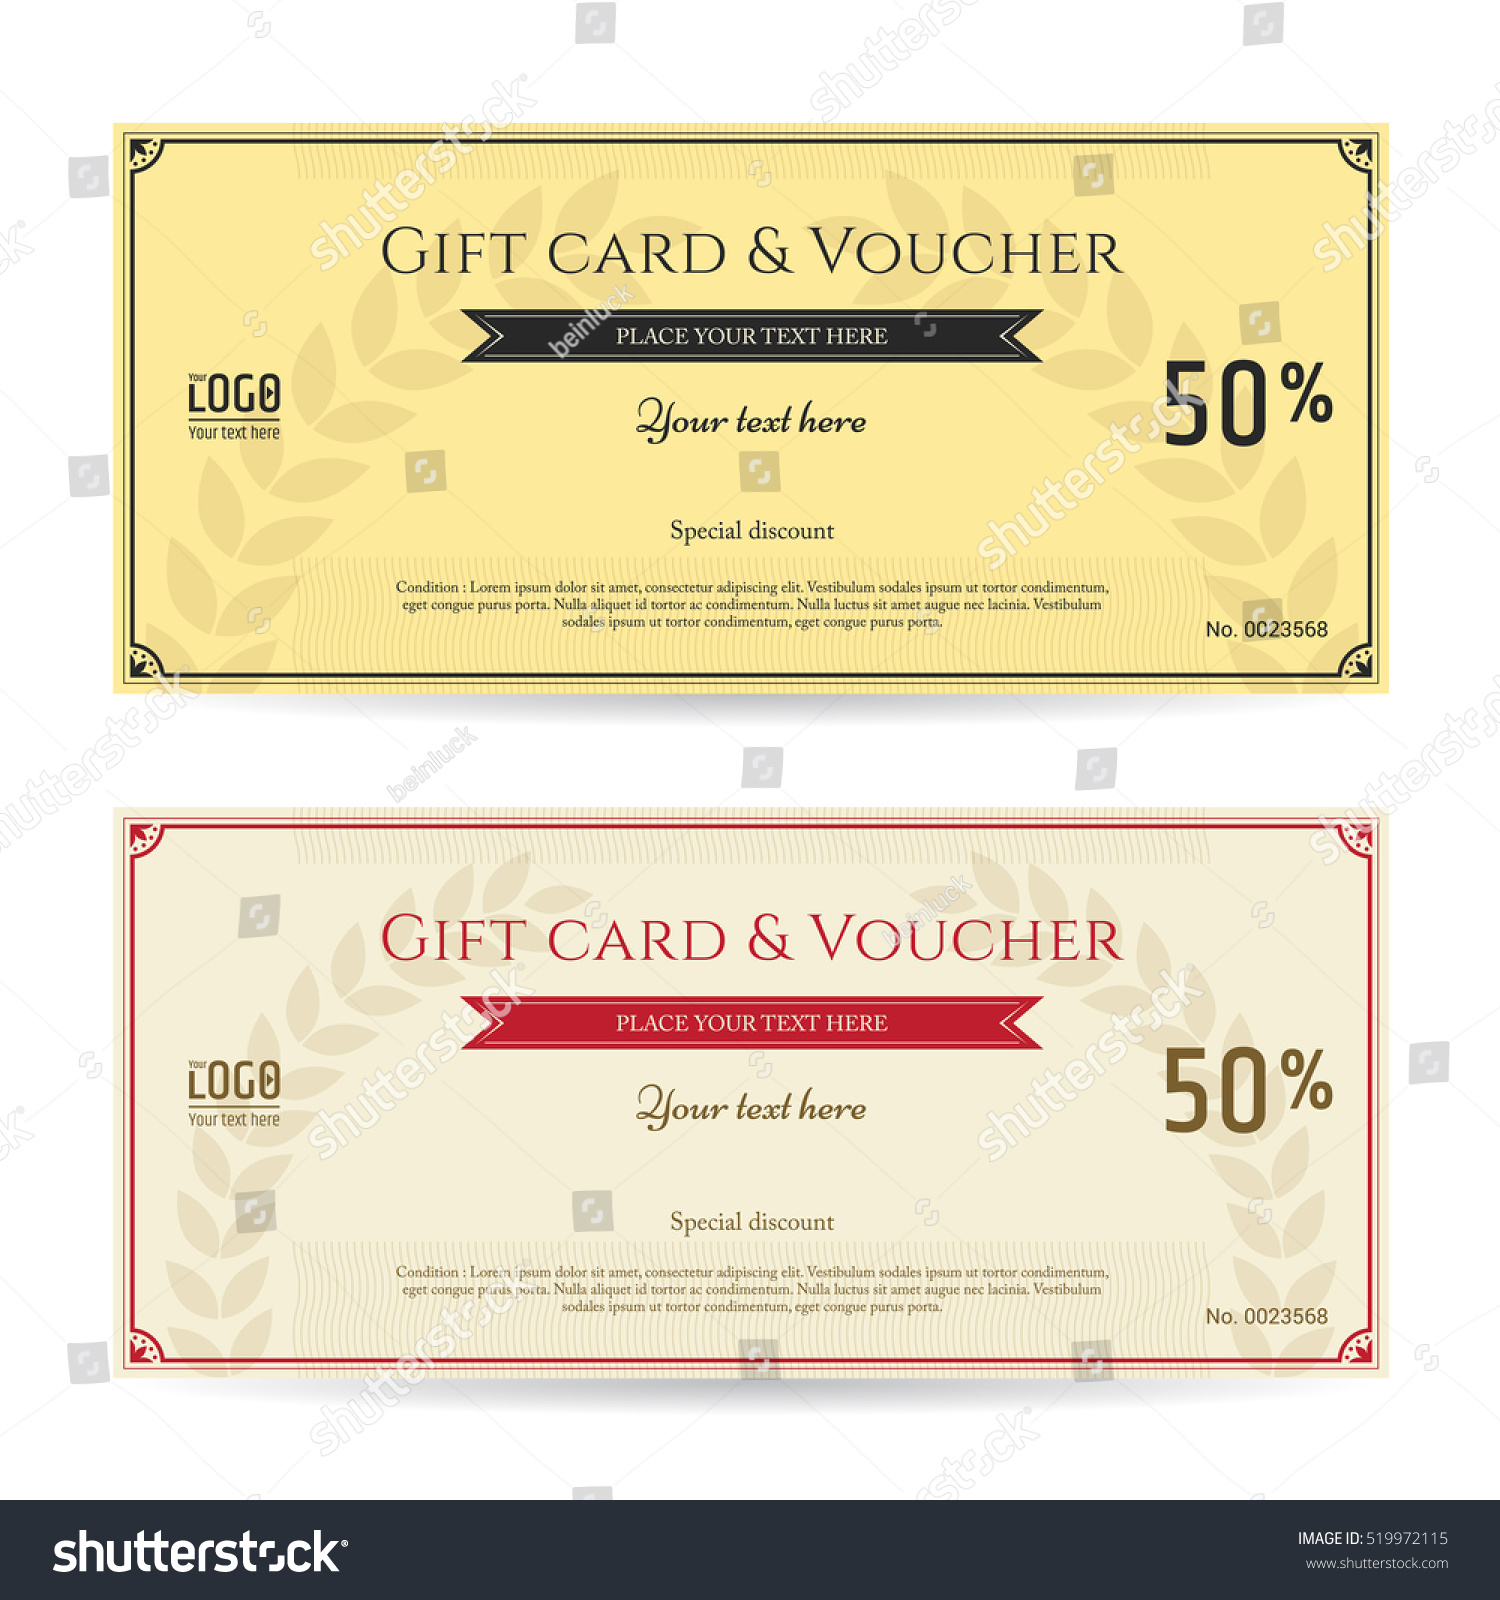 gift card voucher template